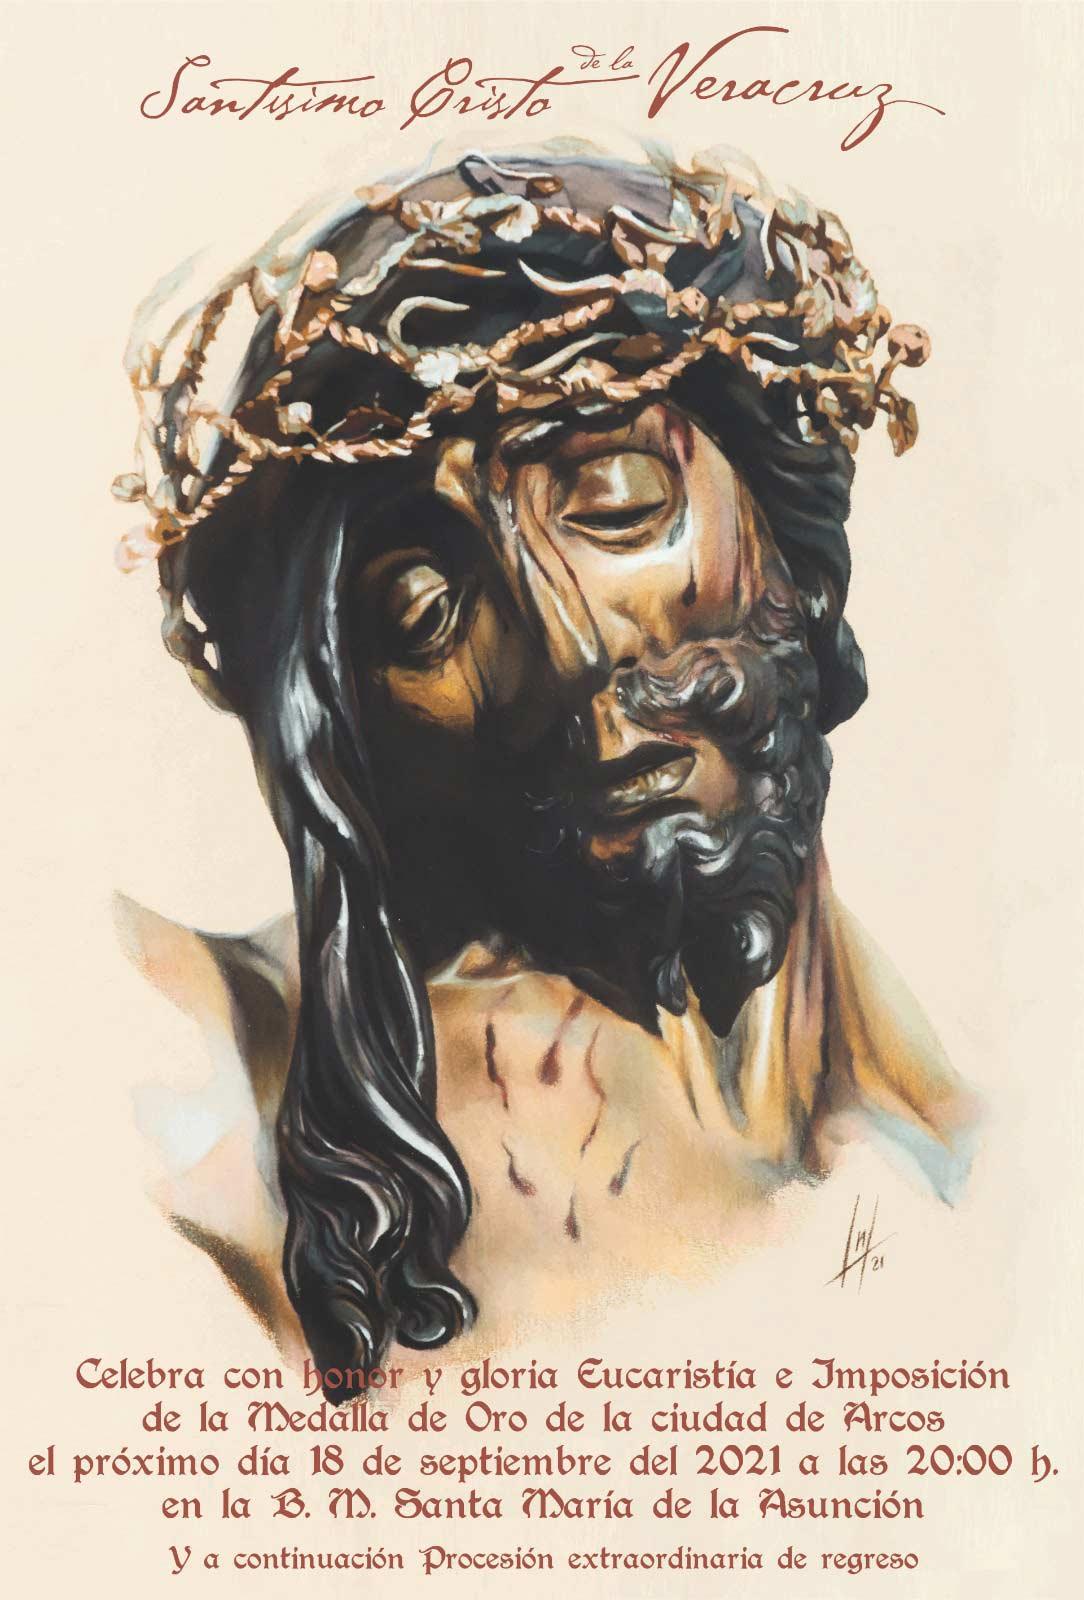 Cartel Oficial del Santísimo Cristo de la Vera Cruz de la Hermandad de la Vera+Cruz de Arcos de la Frontera